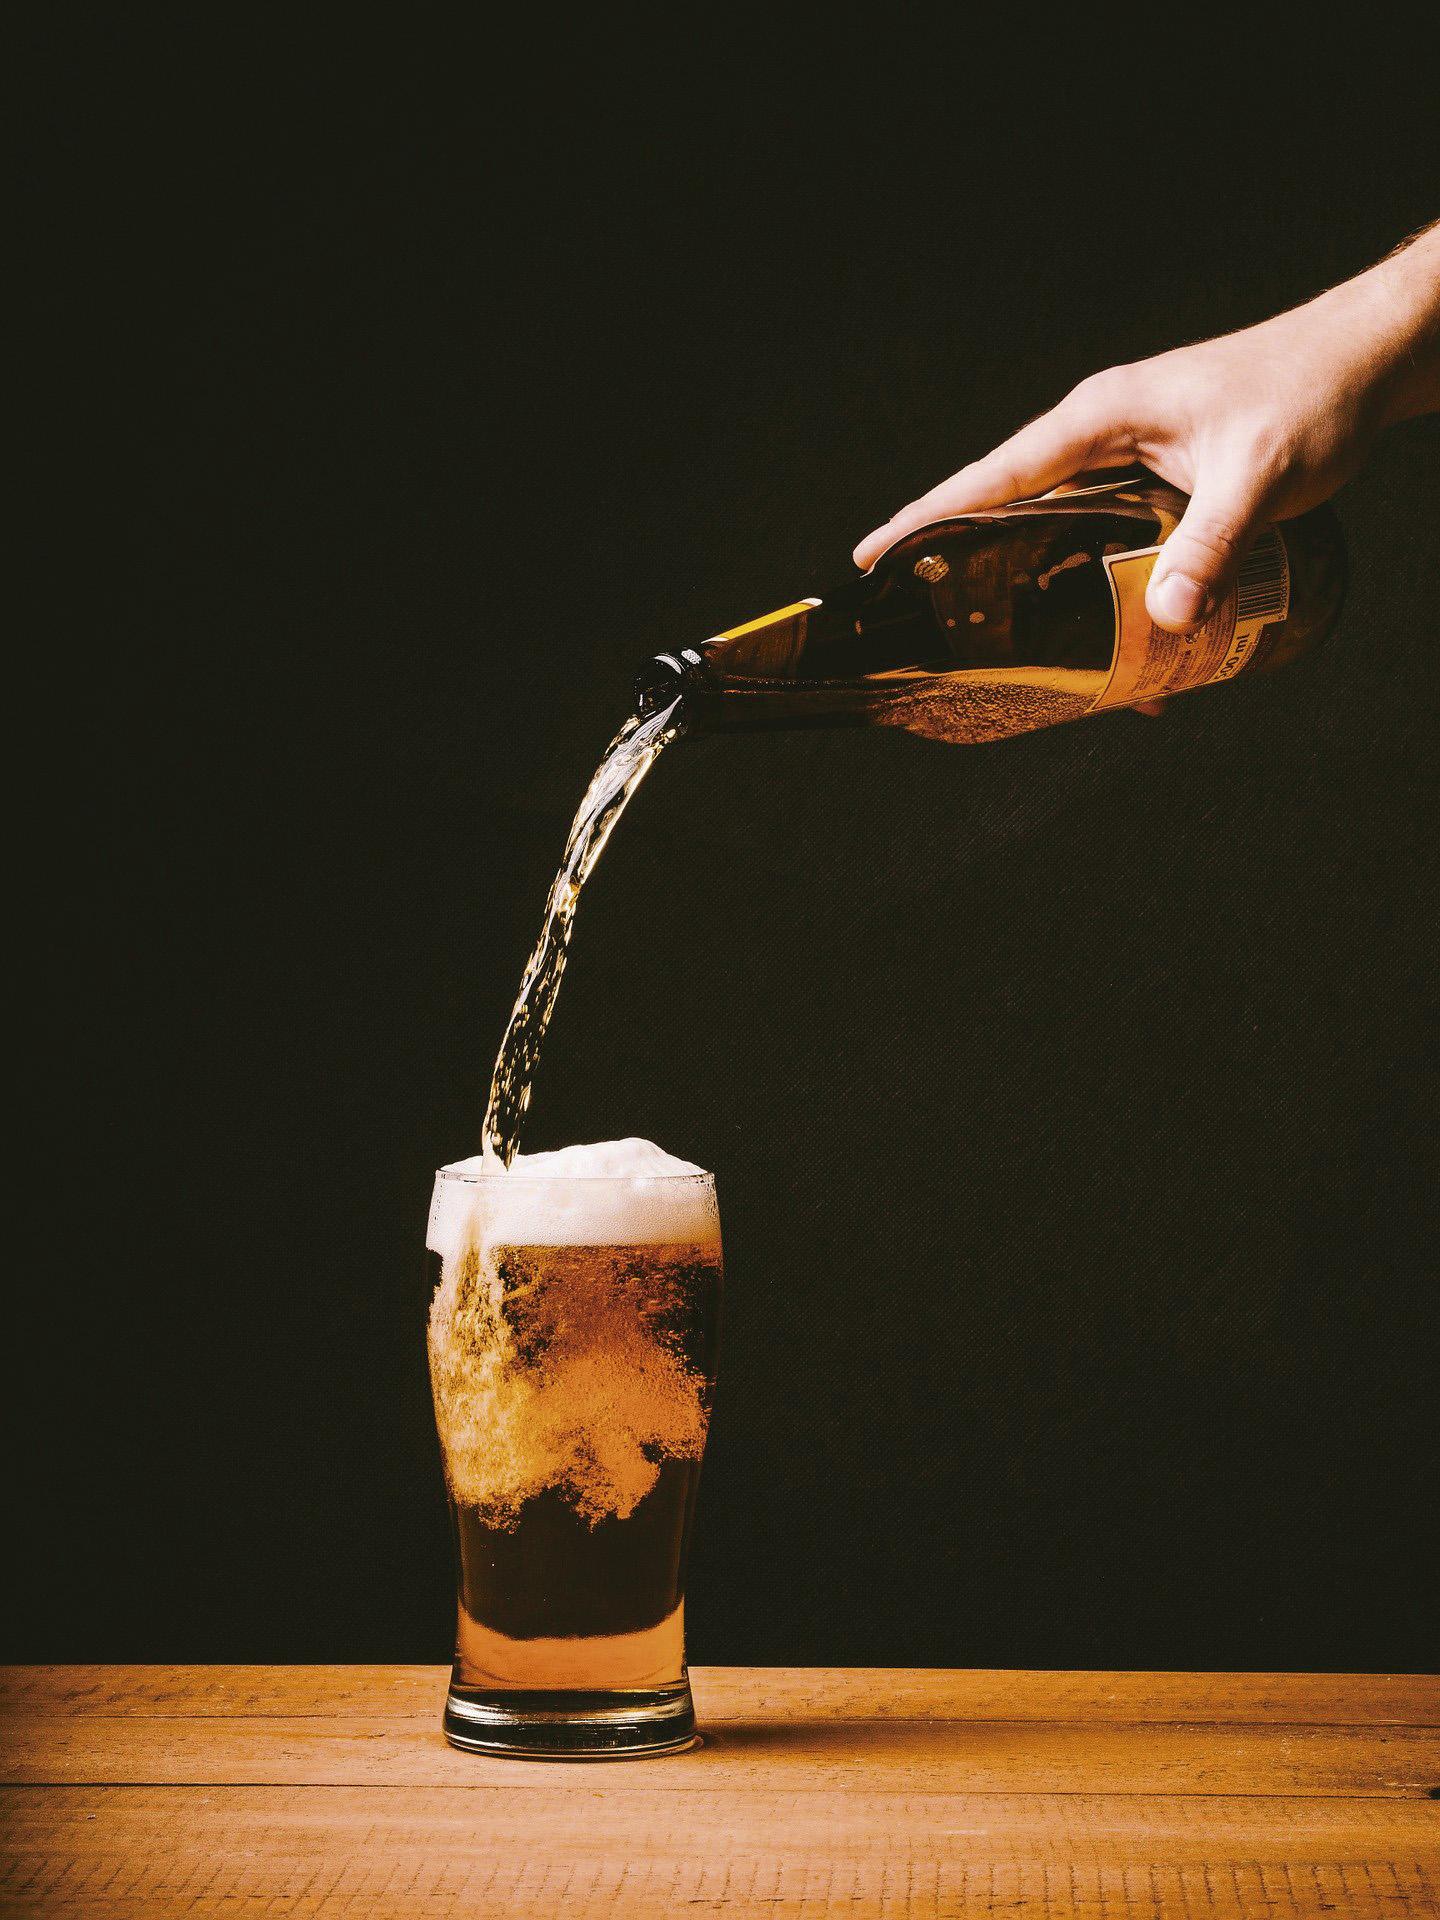 Trasladando al packaging una marca de cerveza artesana